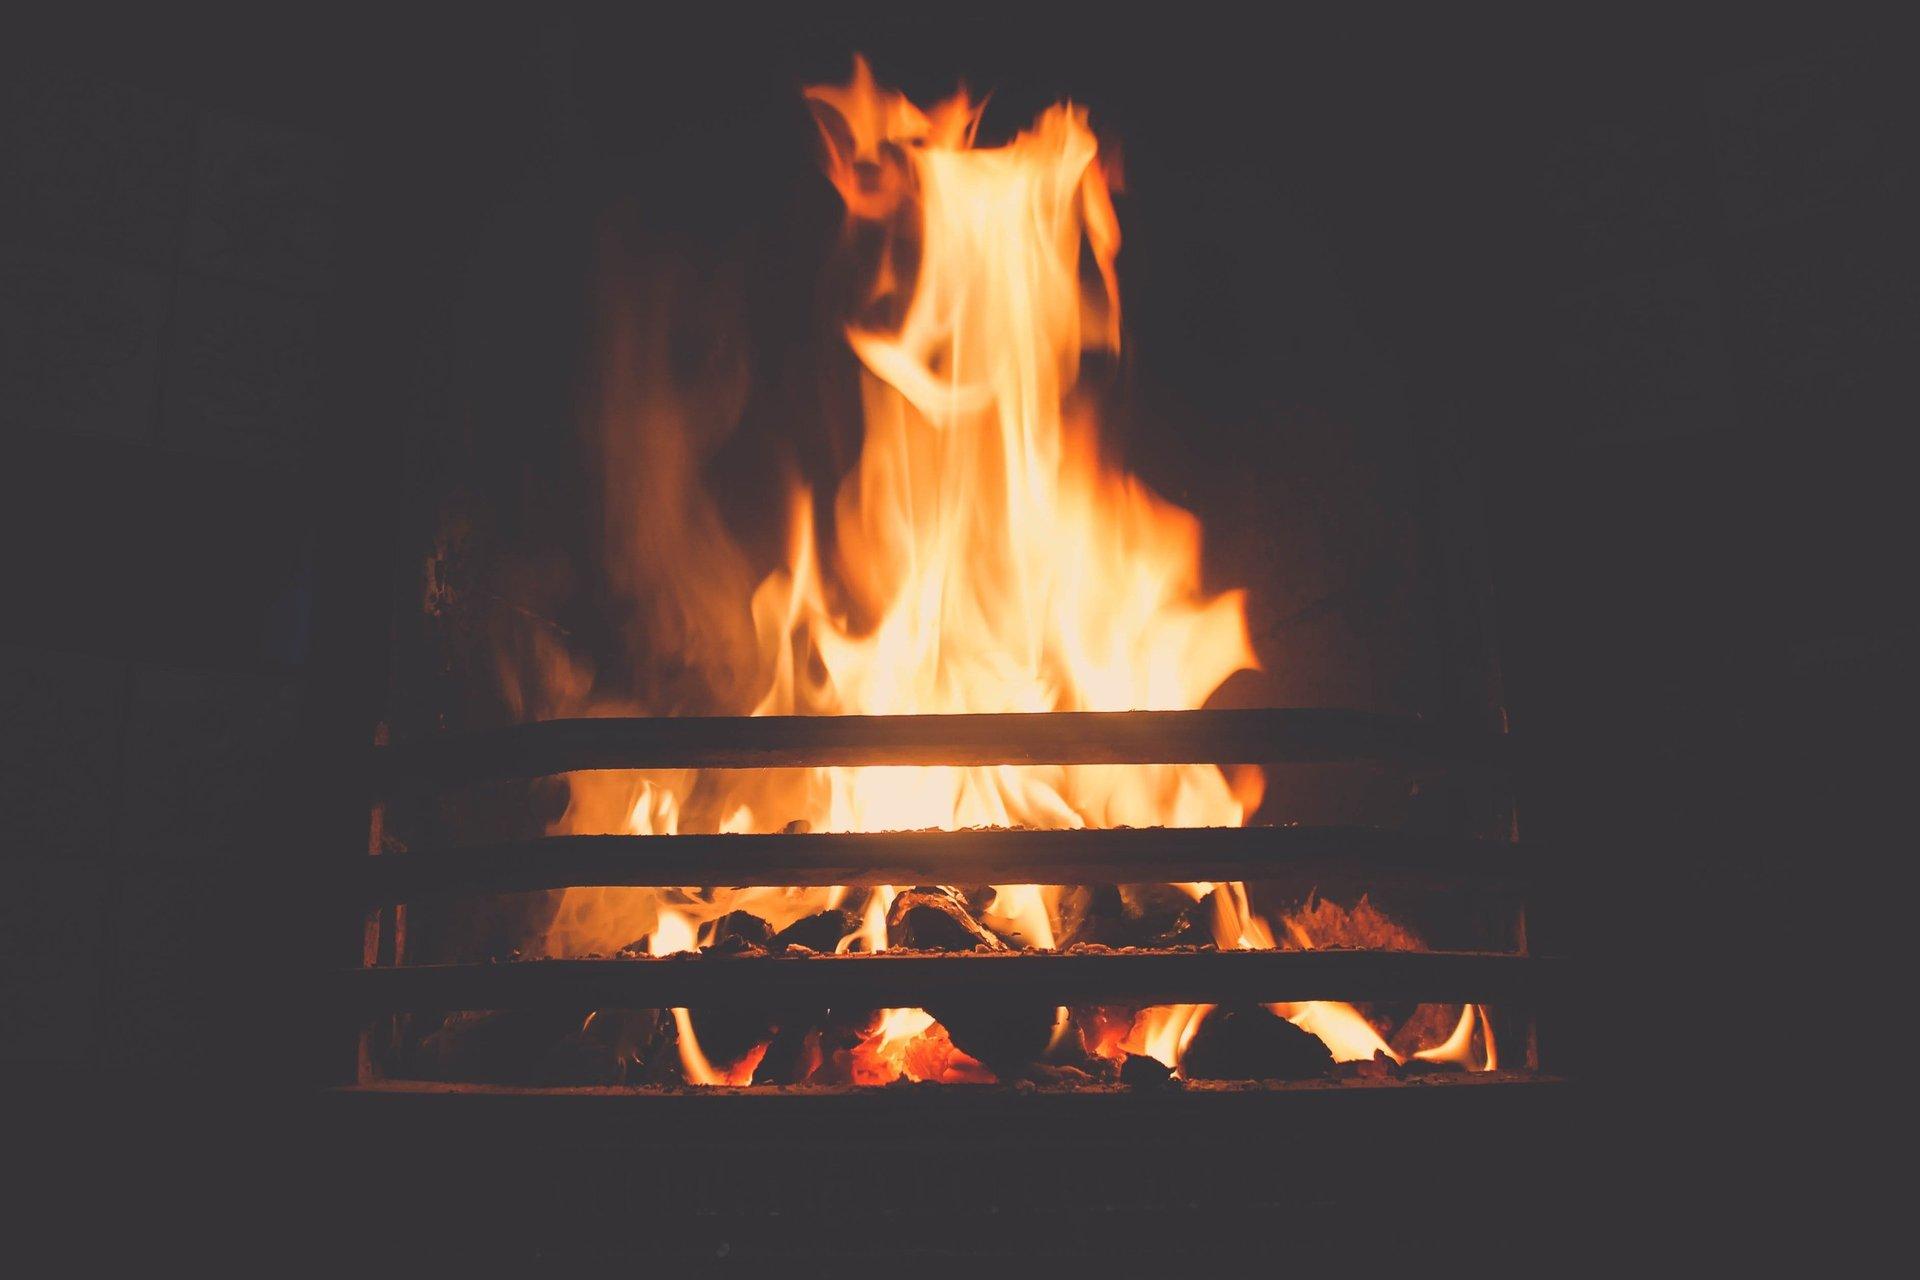 fiamme in un camino